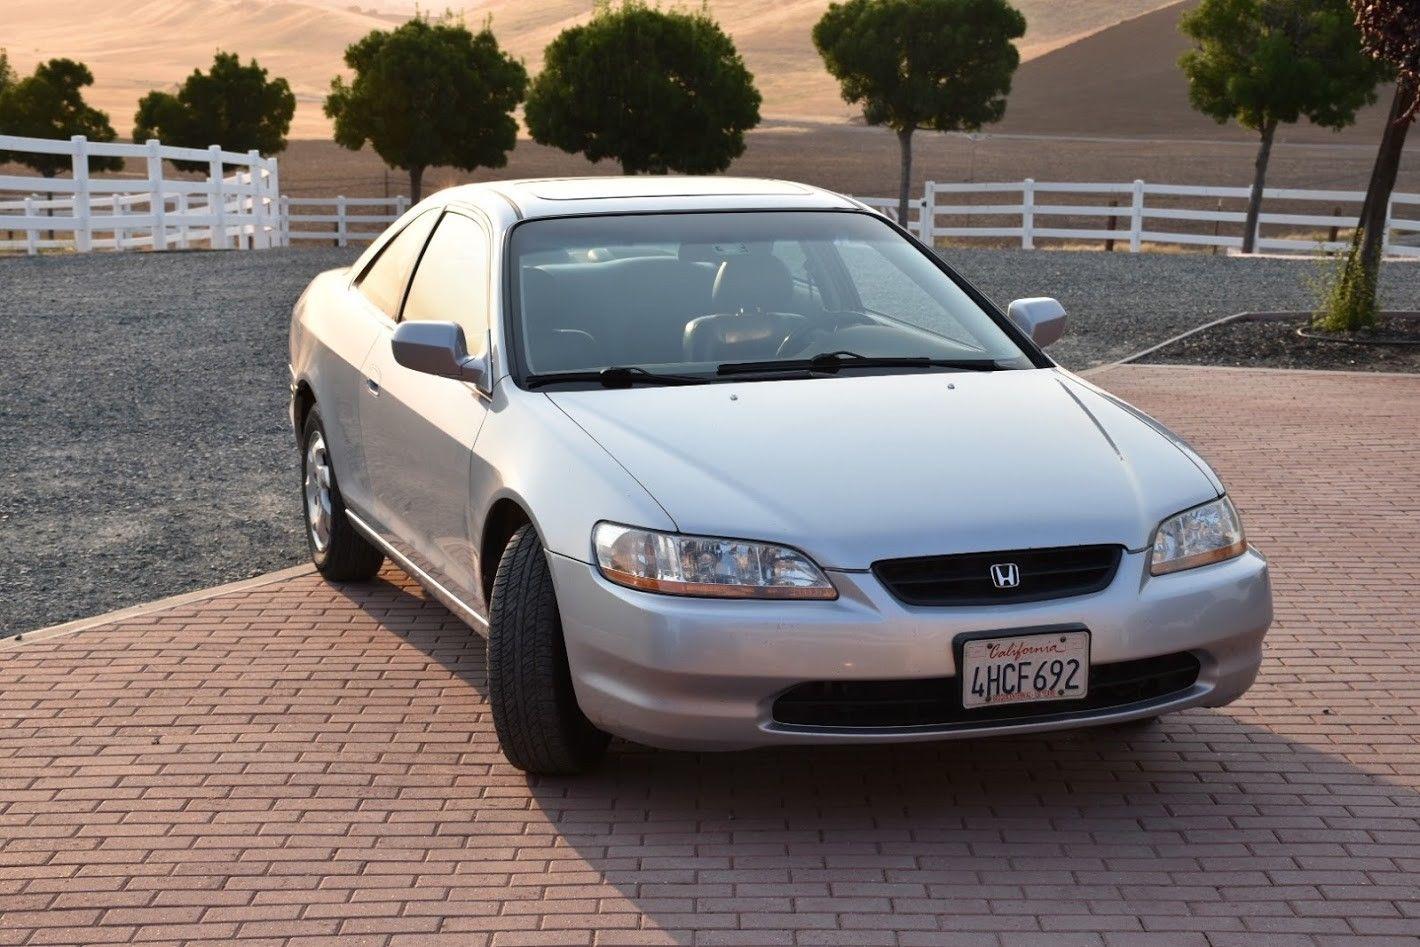 99 1999 Honda Accord Sedan owners manual Motors Vehicle Parts ...